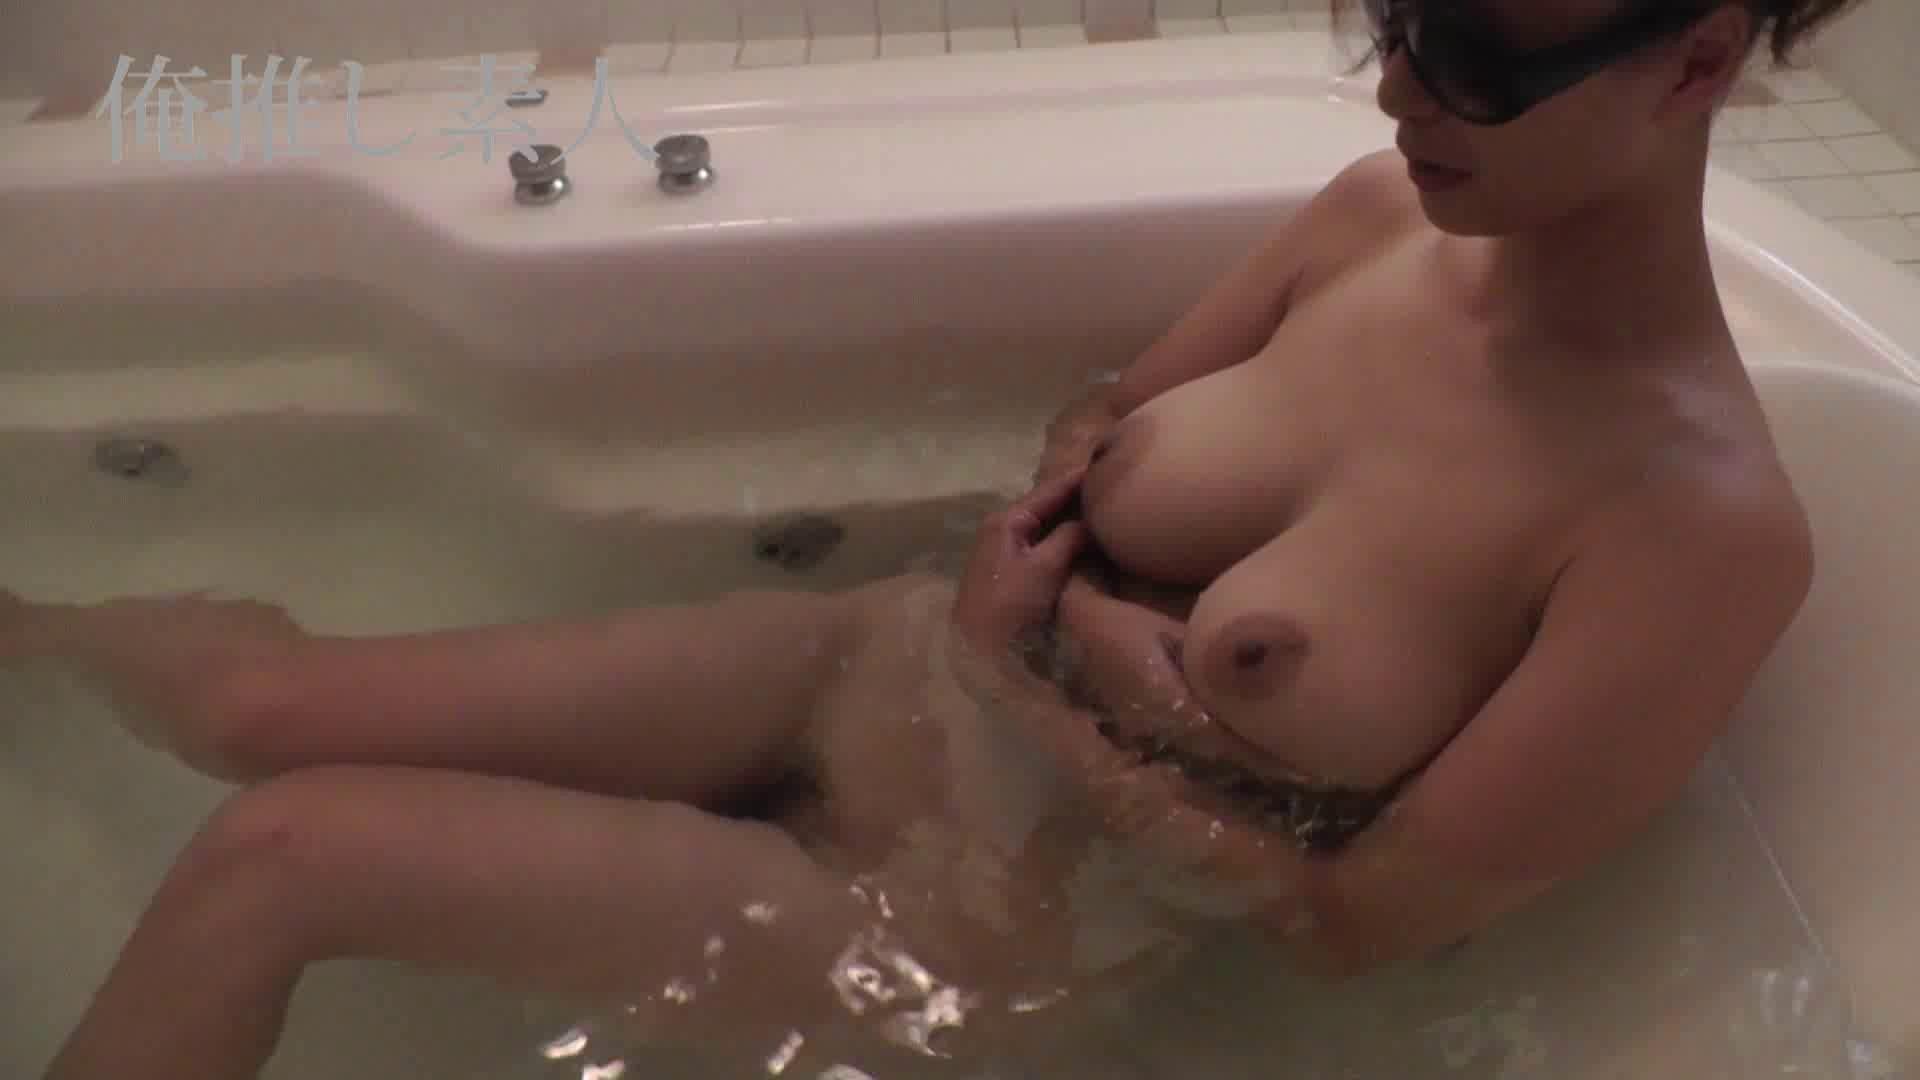 俺推し素人 30代人妻熟女キャバ嬢雫Vol.02 0 | 0  36画像 9